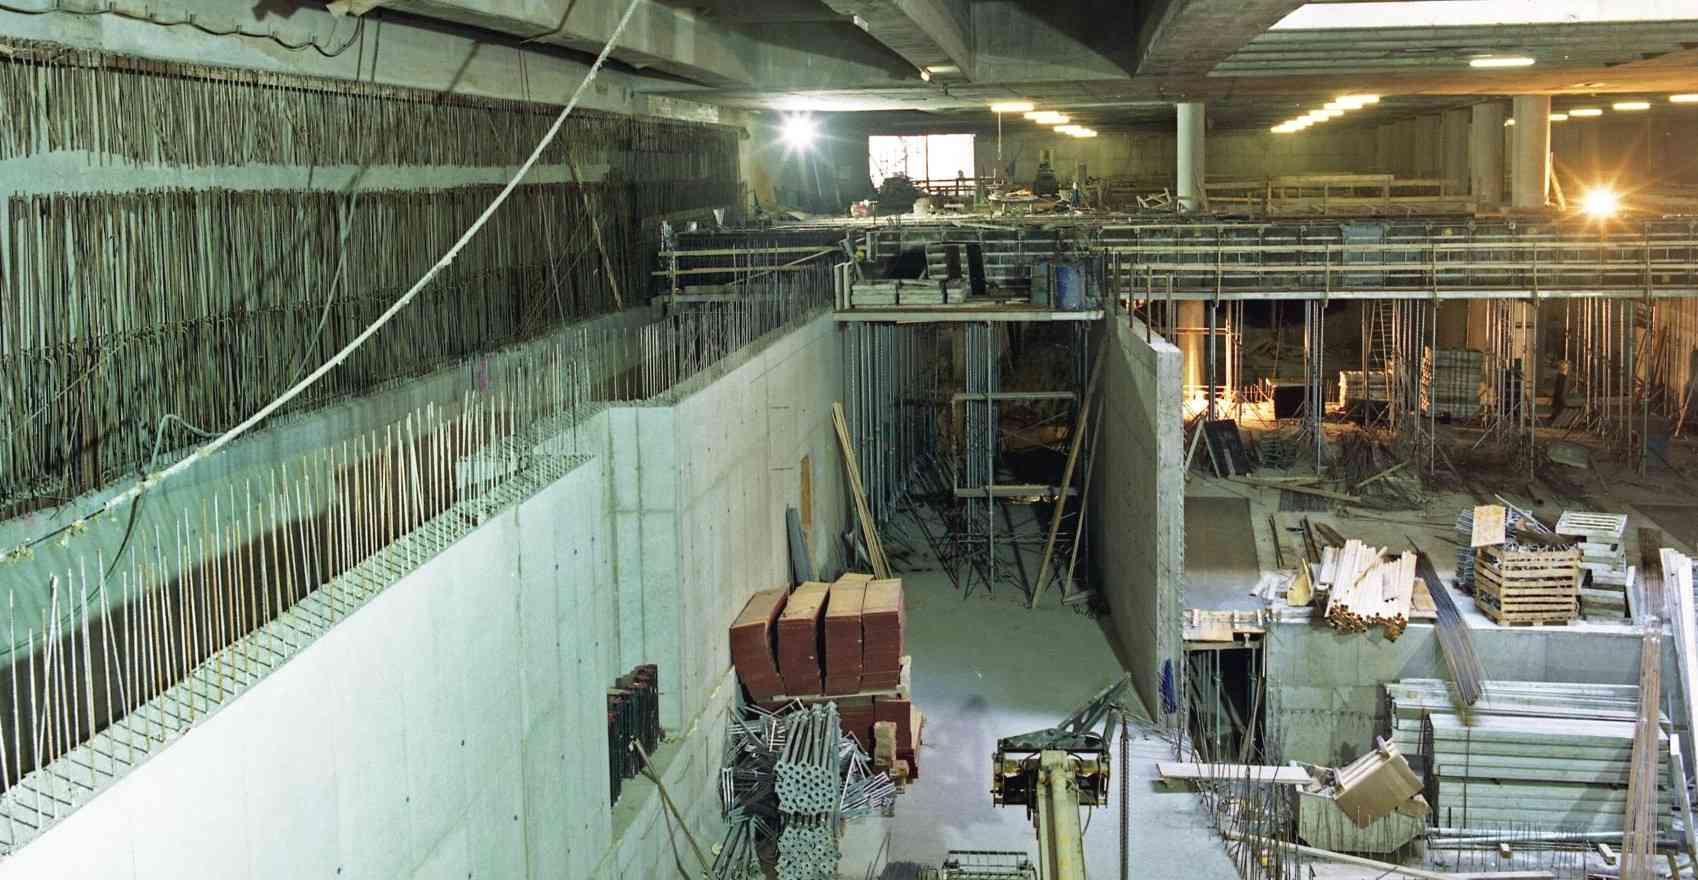 Nach einer Bauphase wurde im Jahr 1991 die erste Teilstrecke der U3 eröffnet.